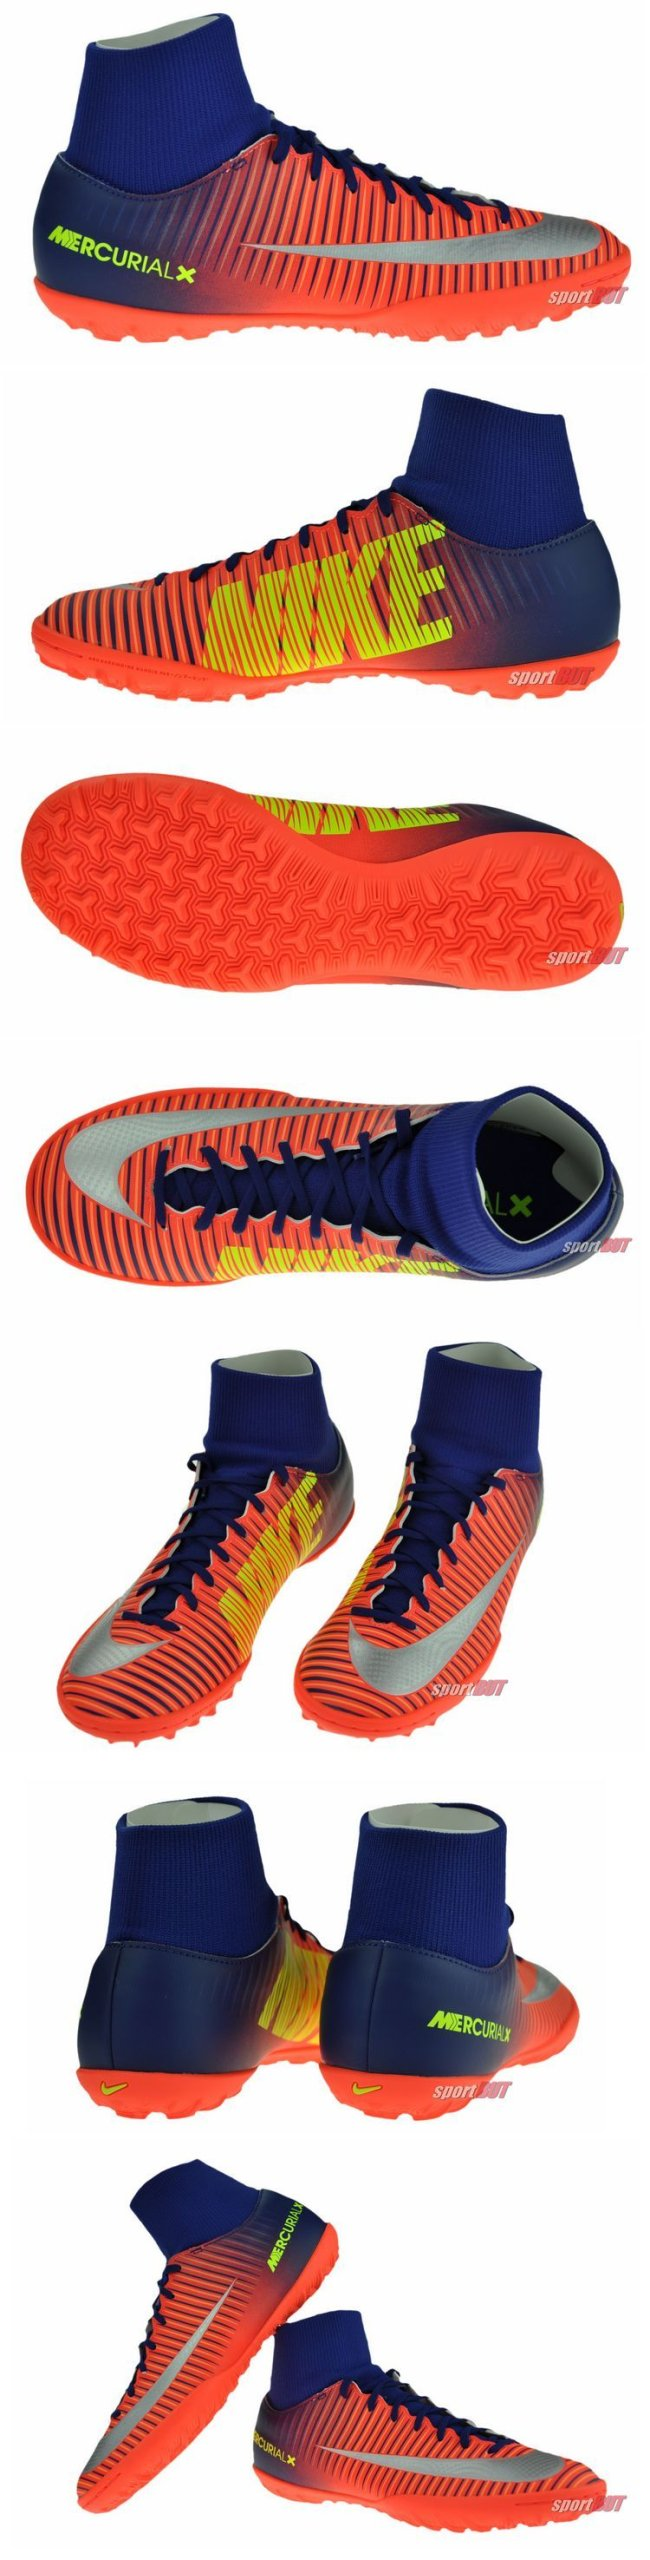 7ea4a0fef Buty Nike MercurialX Victory VI DF TF 409 r. 42 - 7274796919 - oficjalne  archiwum allegro